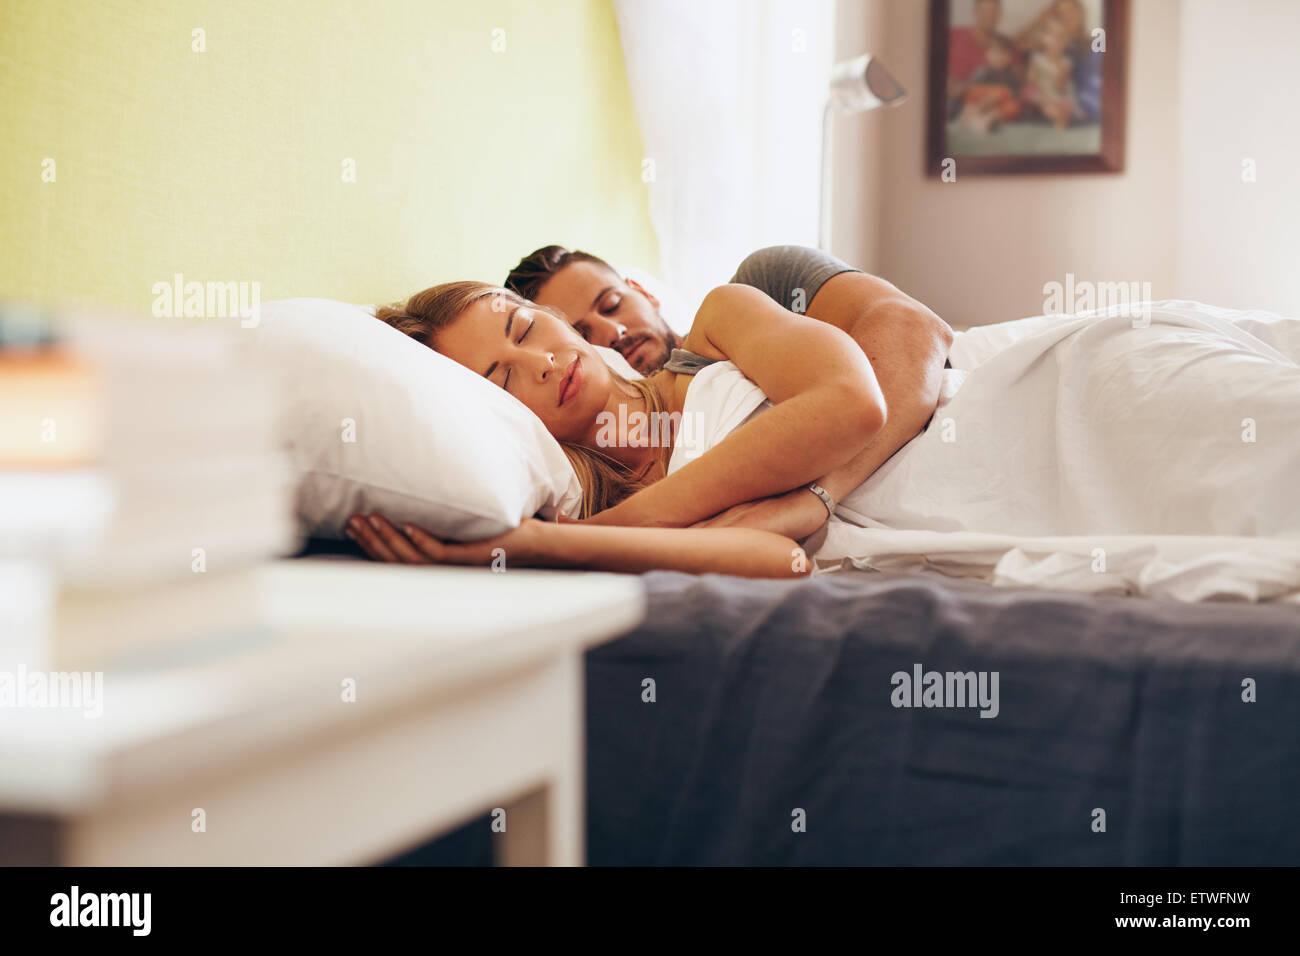 Adulto joven pareja durmiendo pacíficamente en la cama en el dormitorio. Joven Mujer abrazando mientras yacía Imagen De Stock